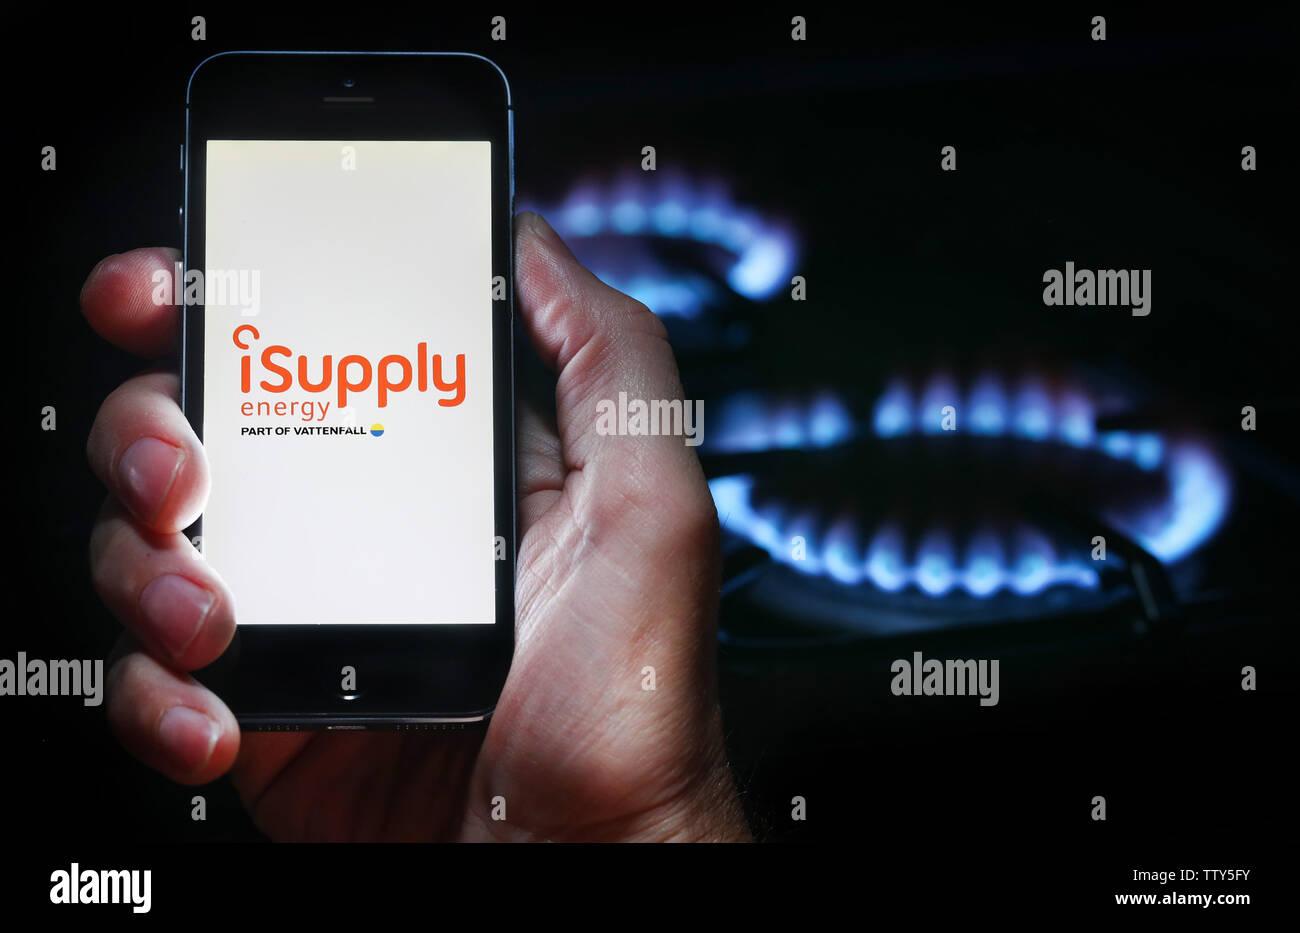 Un uomo che guarda il logo del sito web per la società energetica iSupplyEnergy sul suo telefono cellulare nella parte anteriore della sua cucina a gas (solo uso editoriale) Immagini Stock